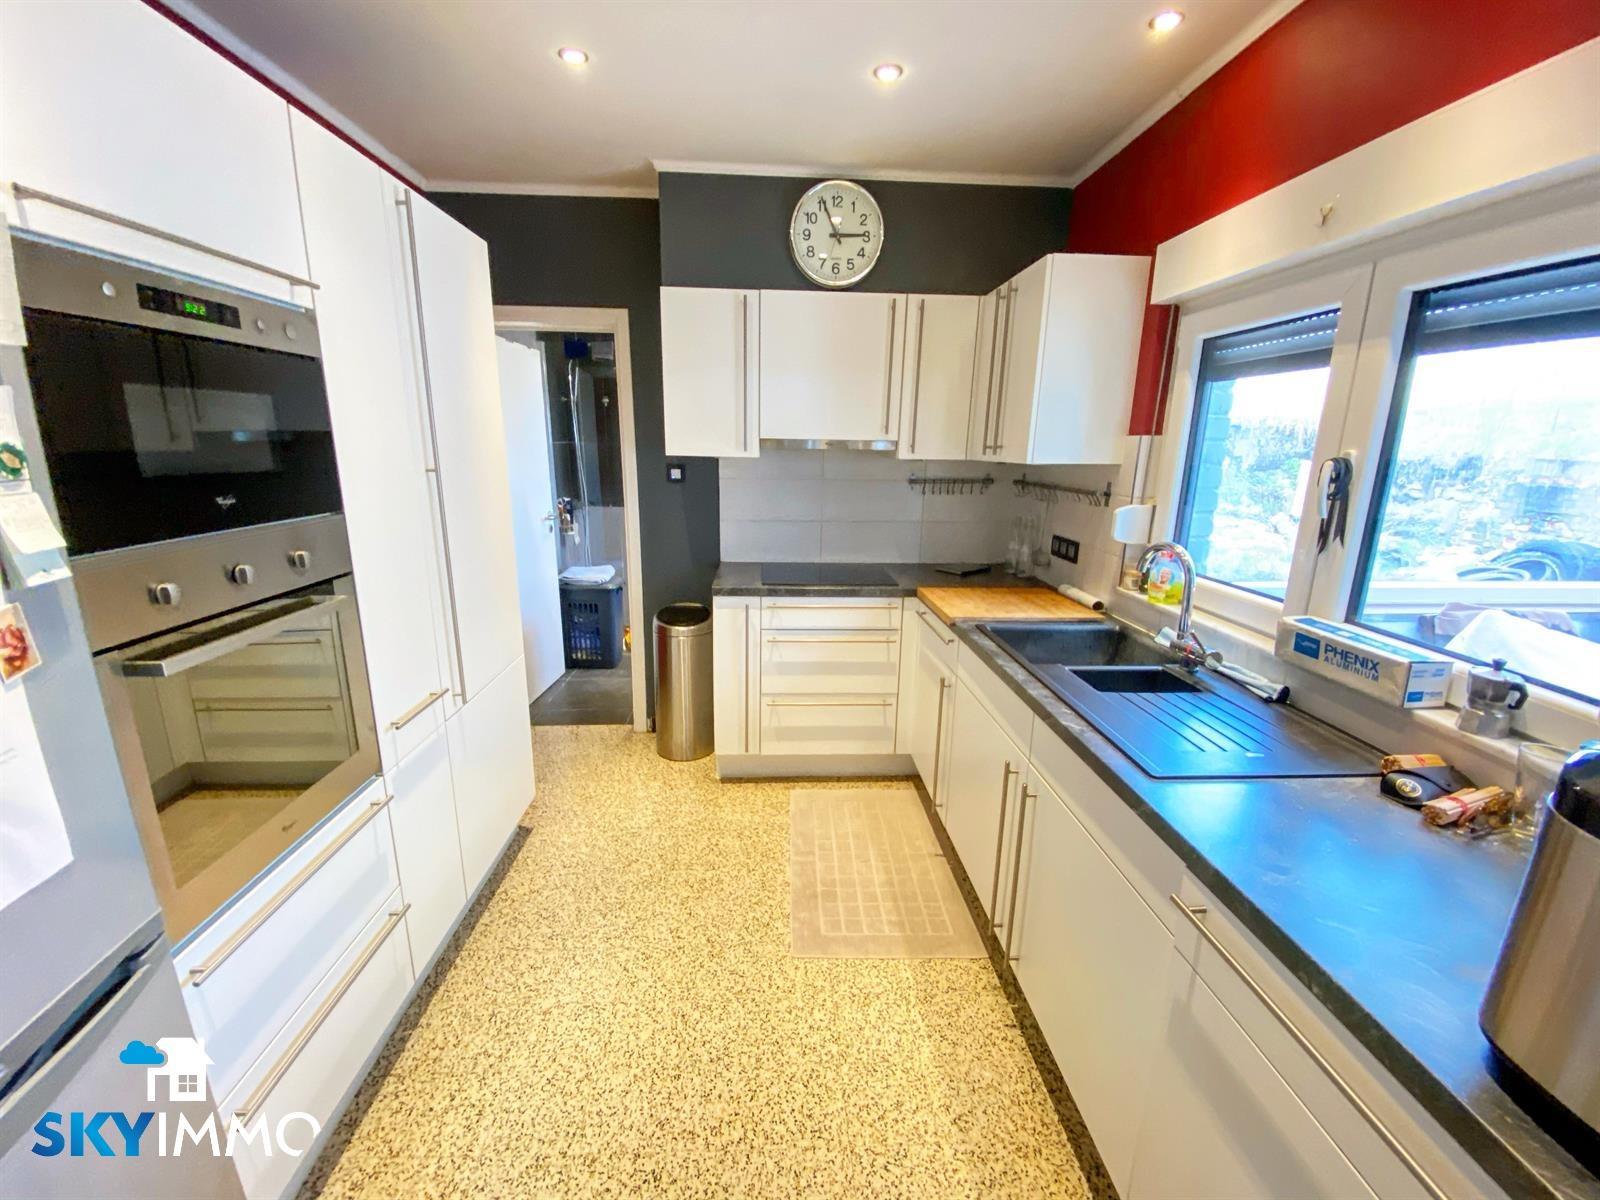 Huis - Saint-Nicolas - #4287983-7